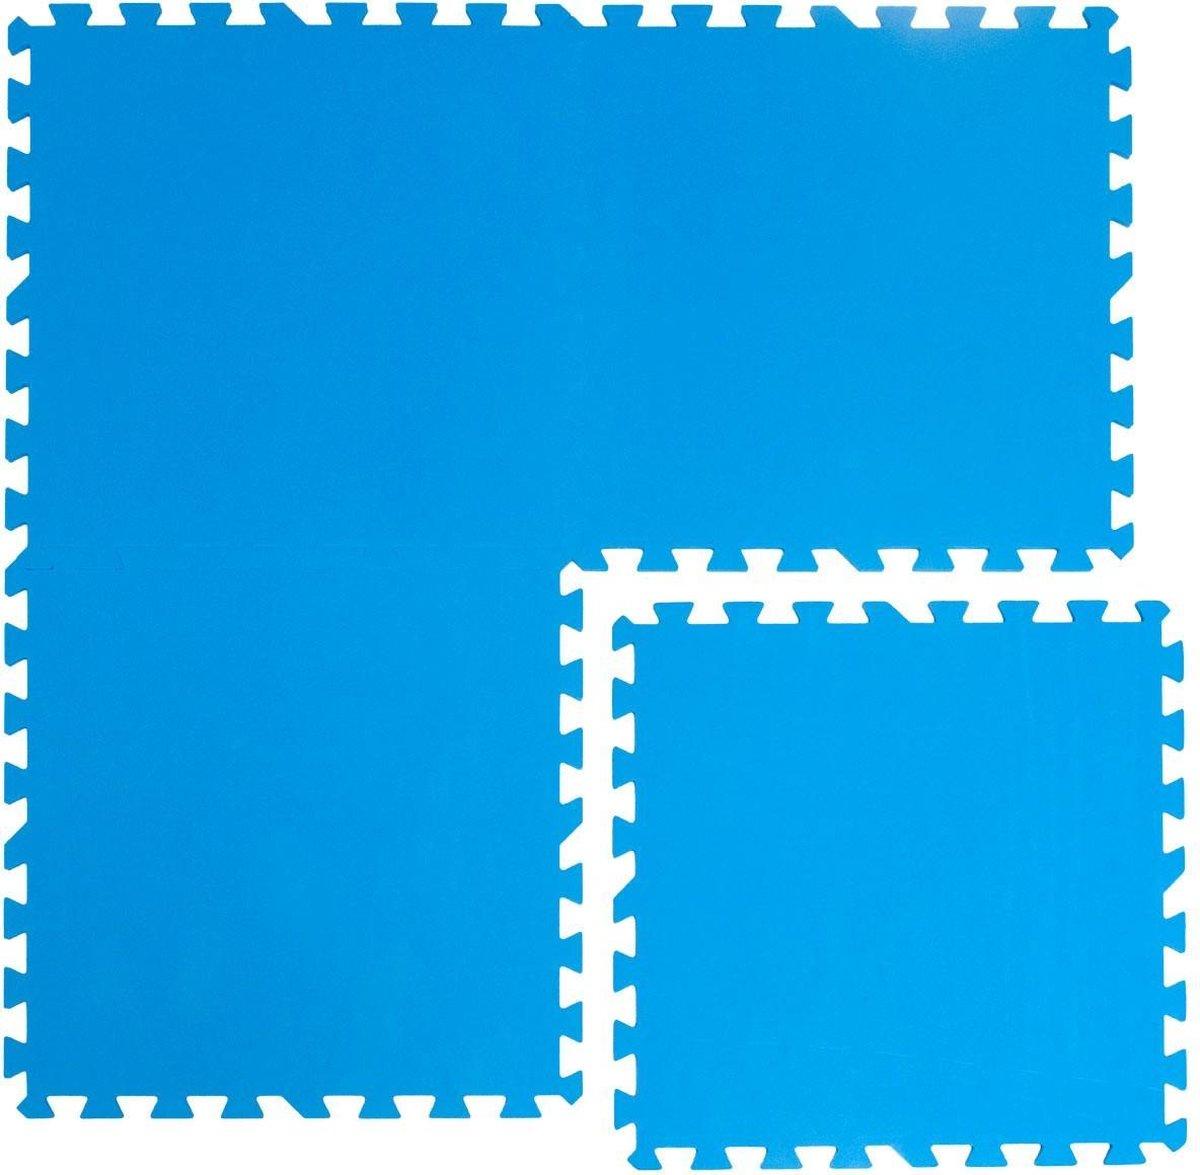 Zwembadmat Vloerbescherming Tegels Vloermatten 50x50 cm Blauwe Puzzelmat